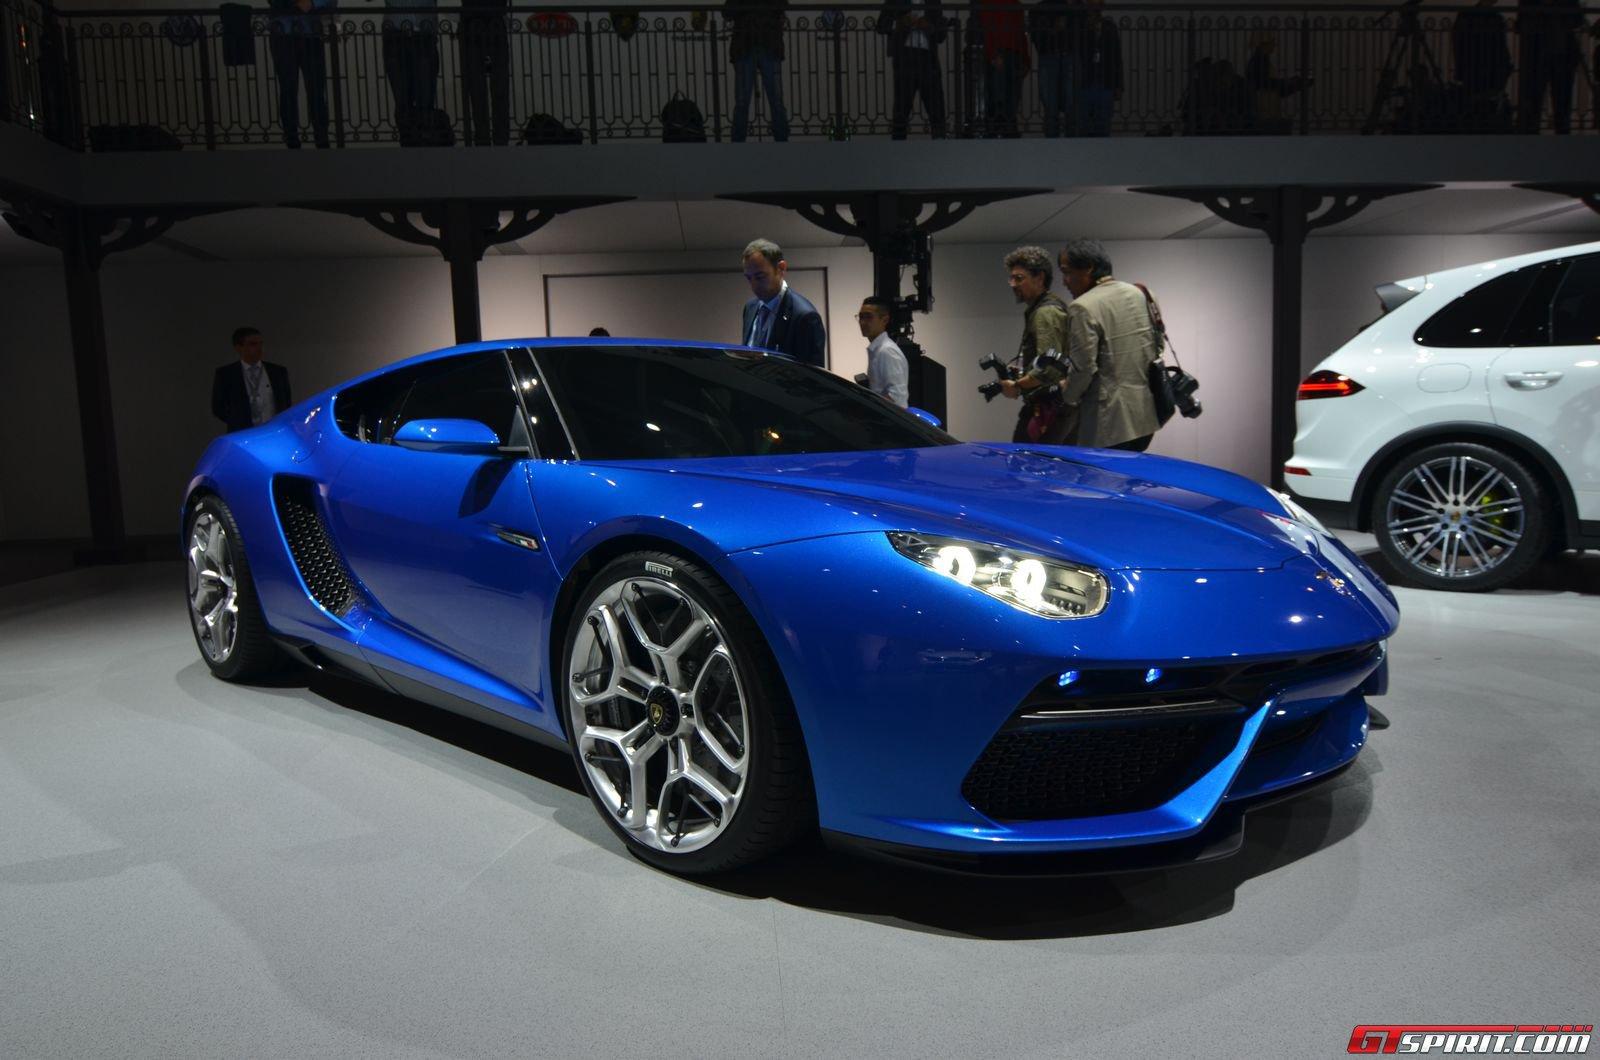 Paris 2014 Lamborghini Asterion Lpi910 4 Hybrid Coupe Concept